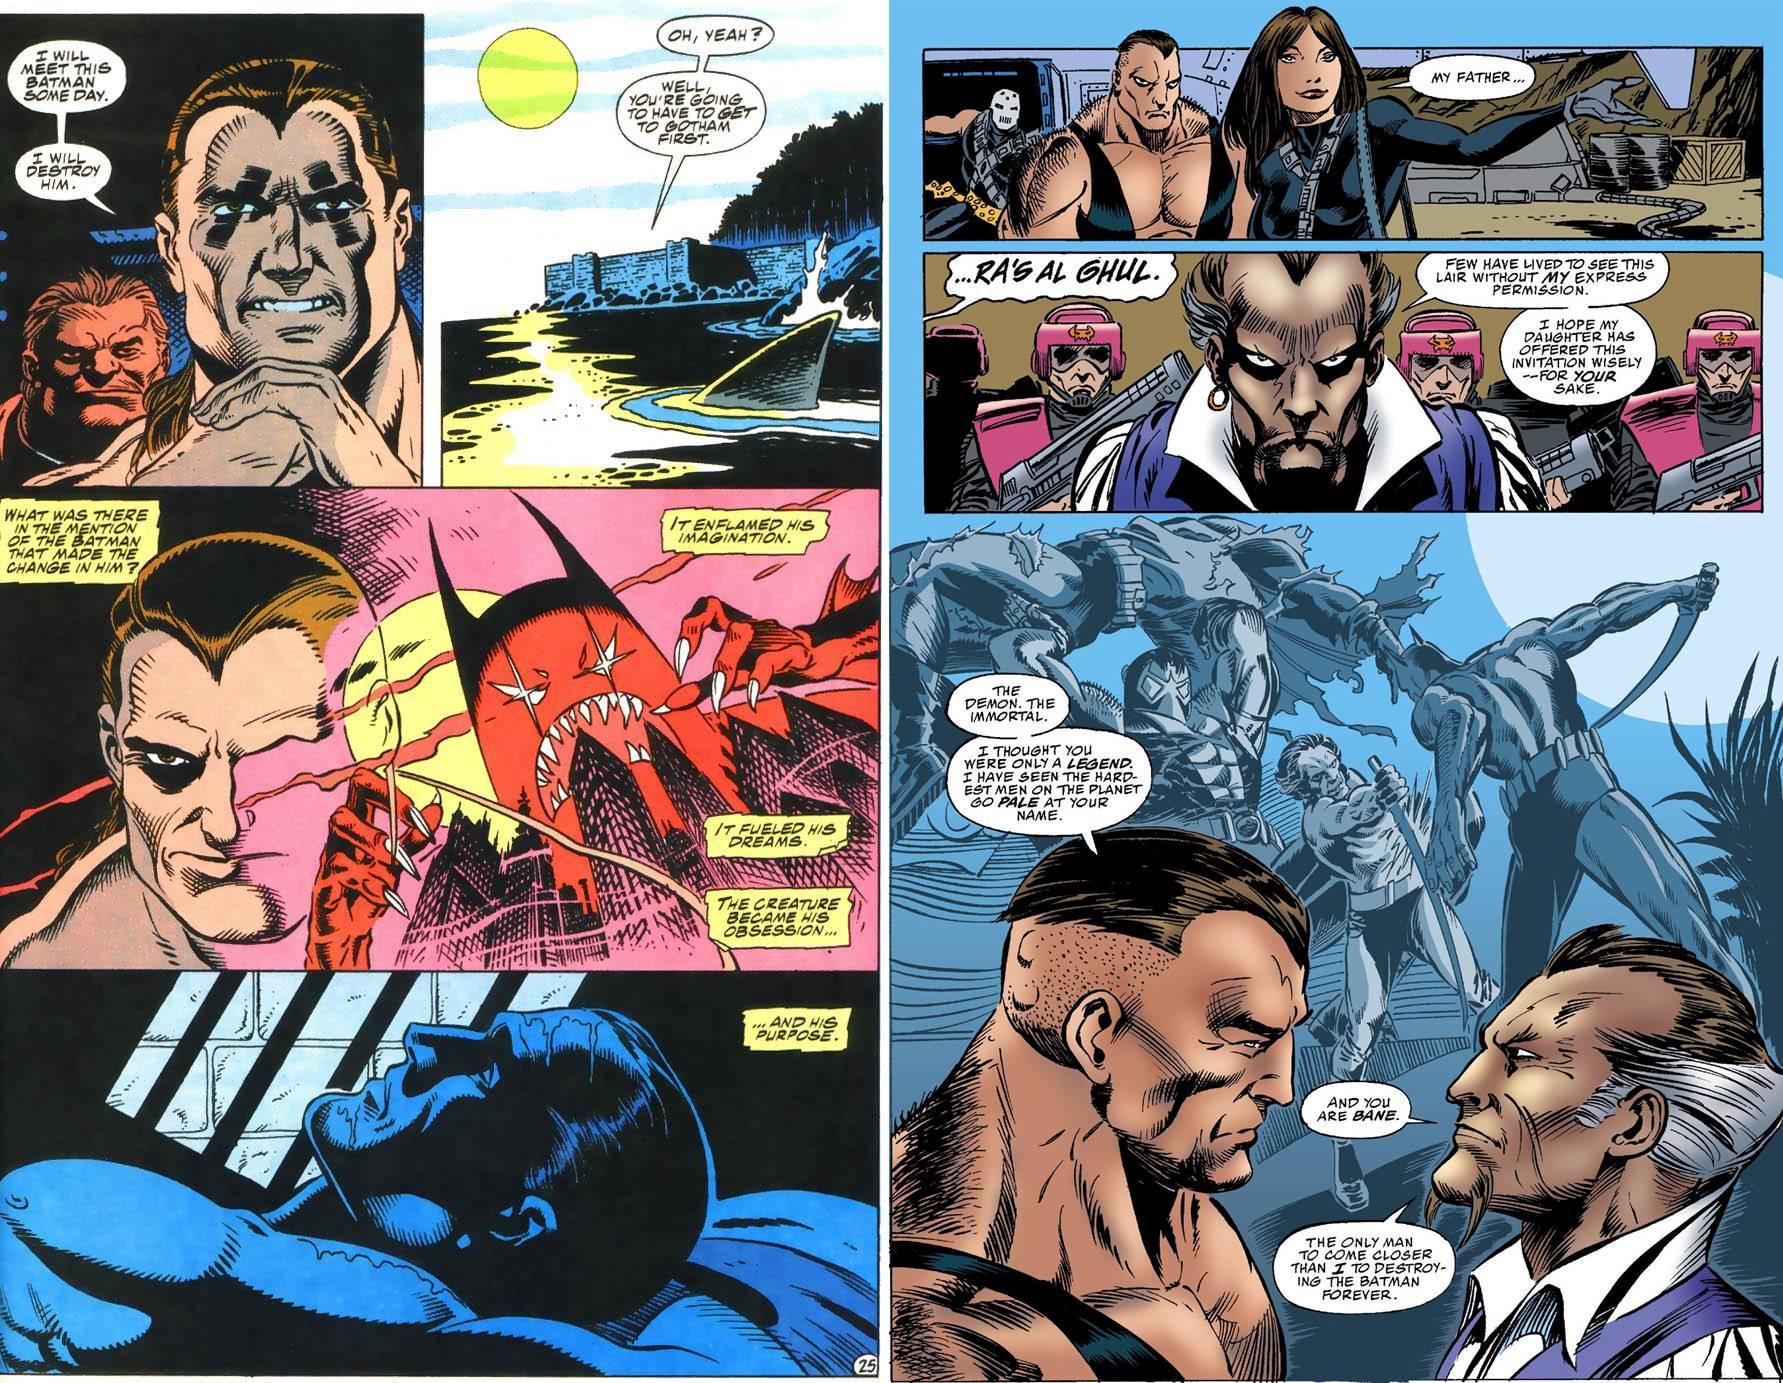 Batman Versus Bane review